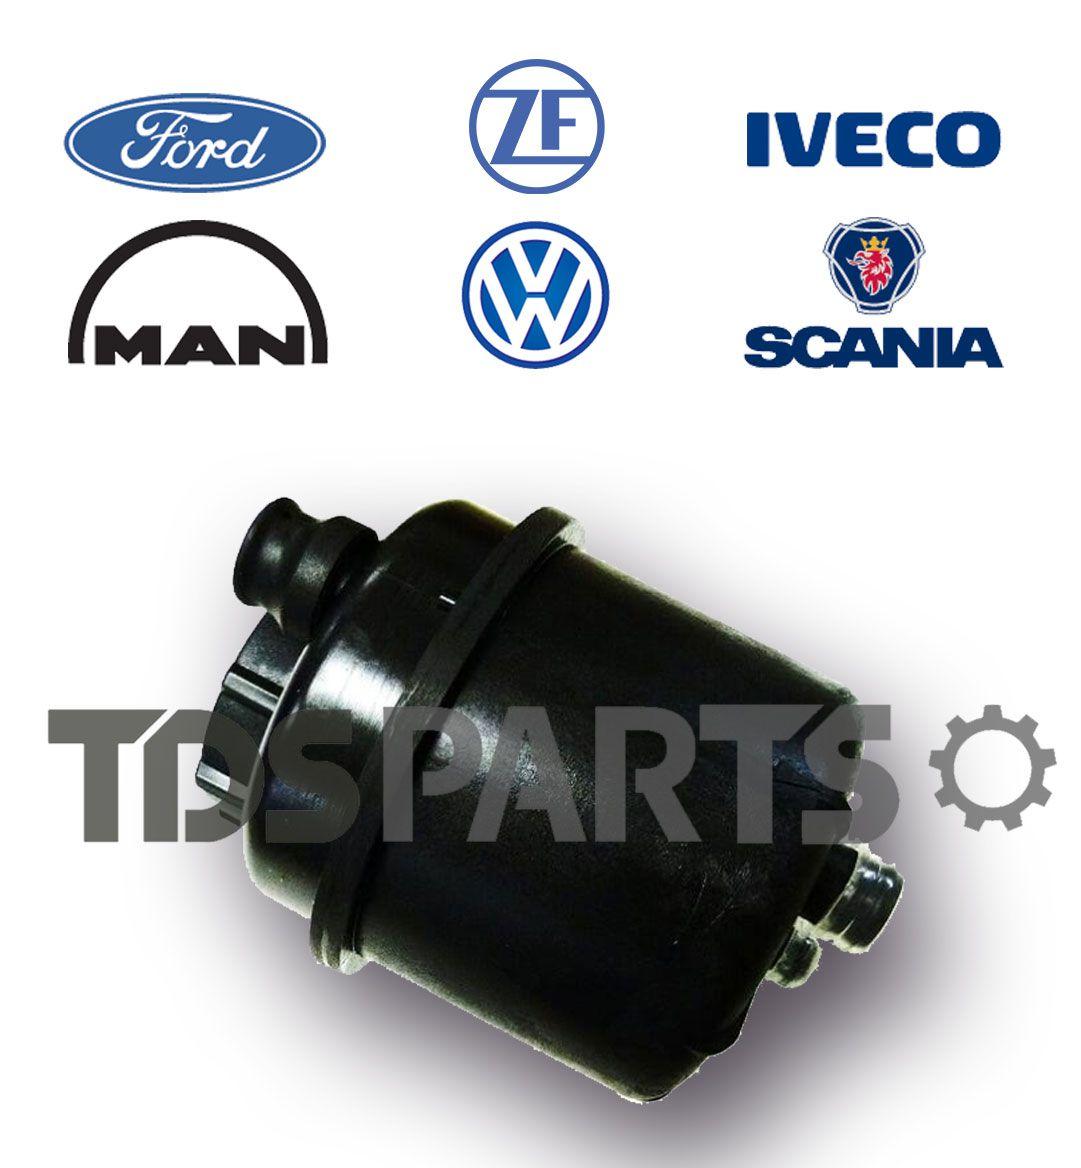 Reservatório De Óleo ZF | Bosch - Volks | Scania | Ford | Man | Iveco - Diversos